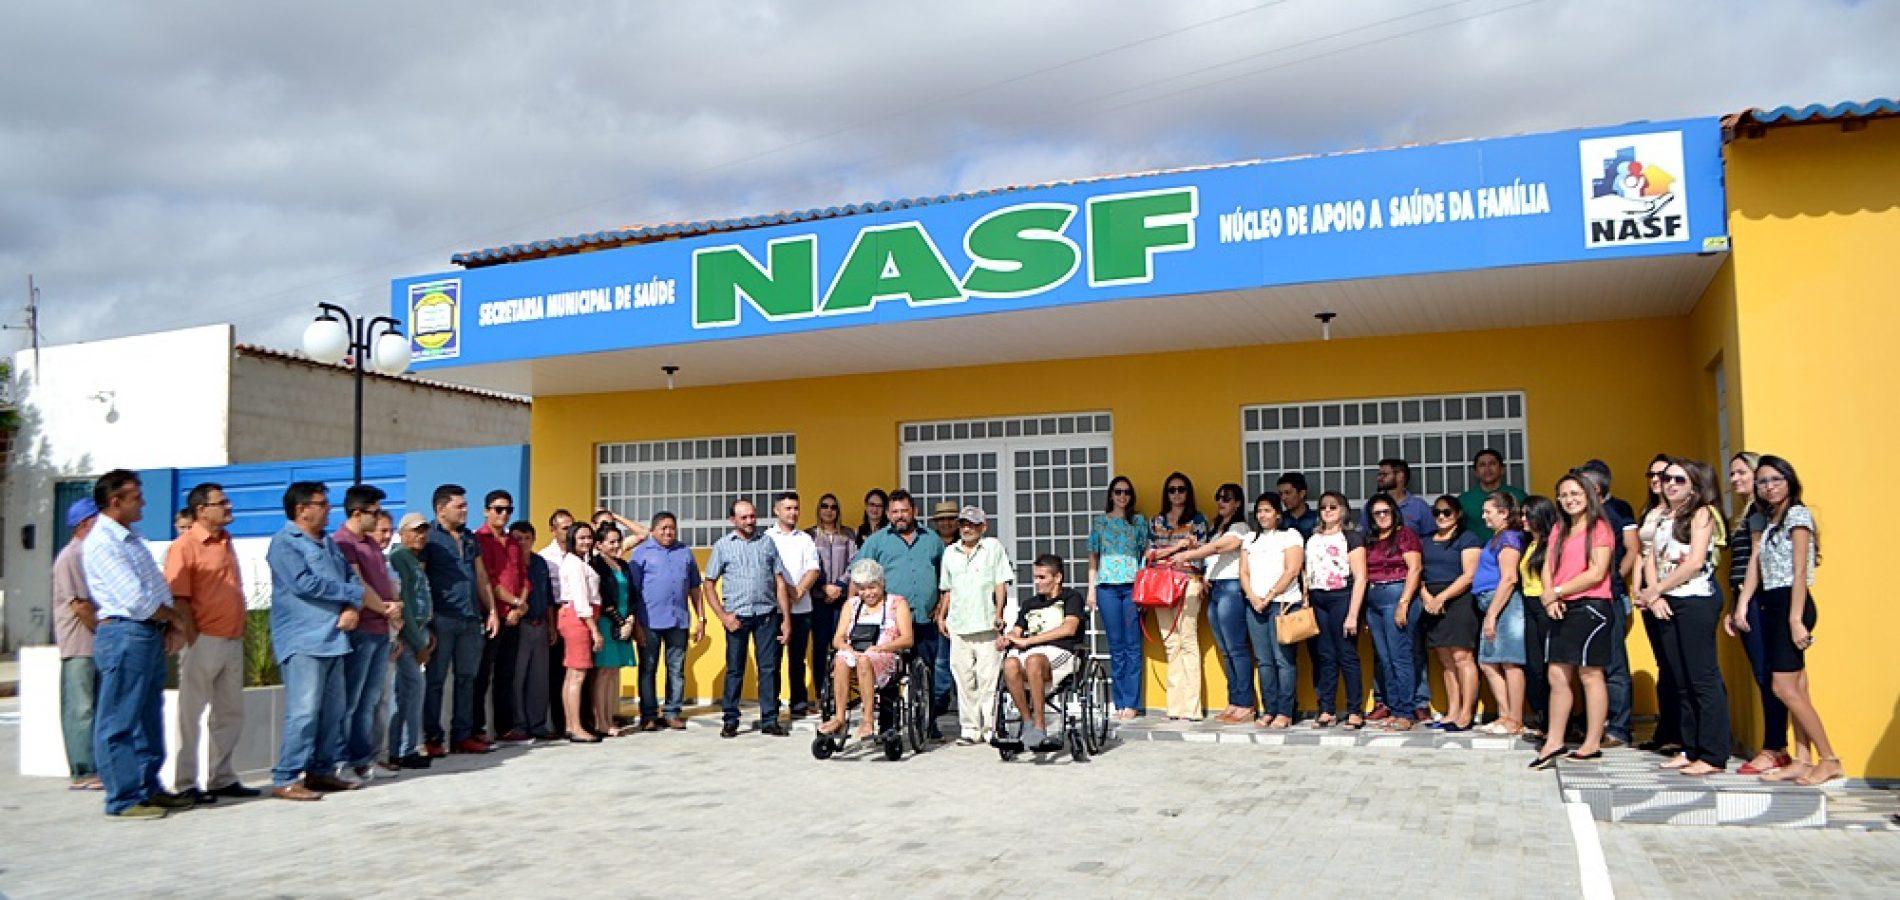 BELÉM   Prefeitura inaugura sede própria do NASF e realiza Conferência Municipal de Saúde